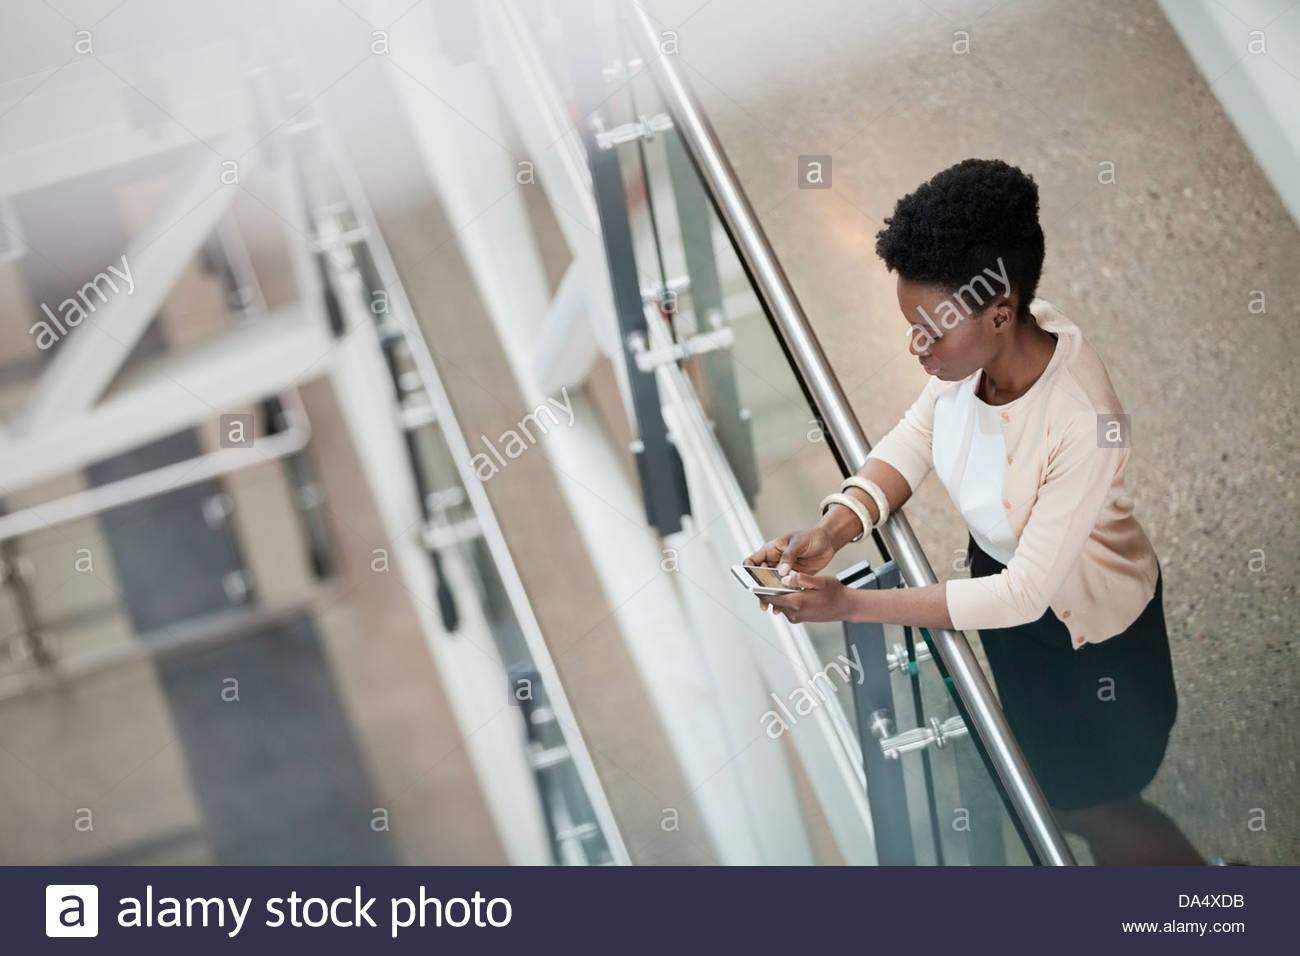 Elevato angolo di visione della donna utilizzando il telefono cellulare per l'edificio degli uffici Immagini Stock